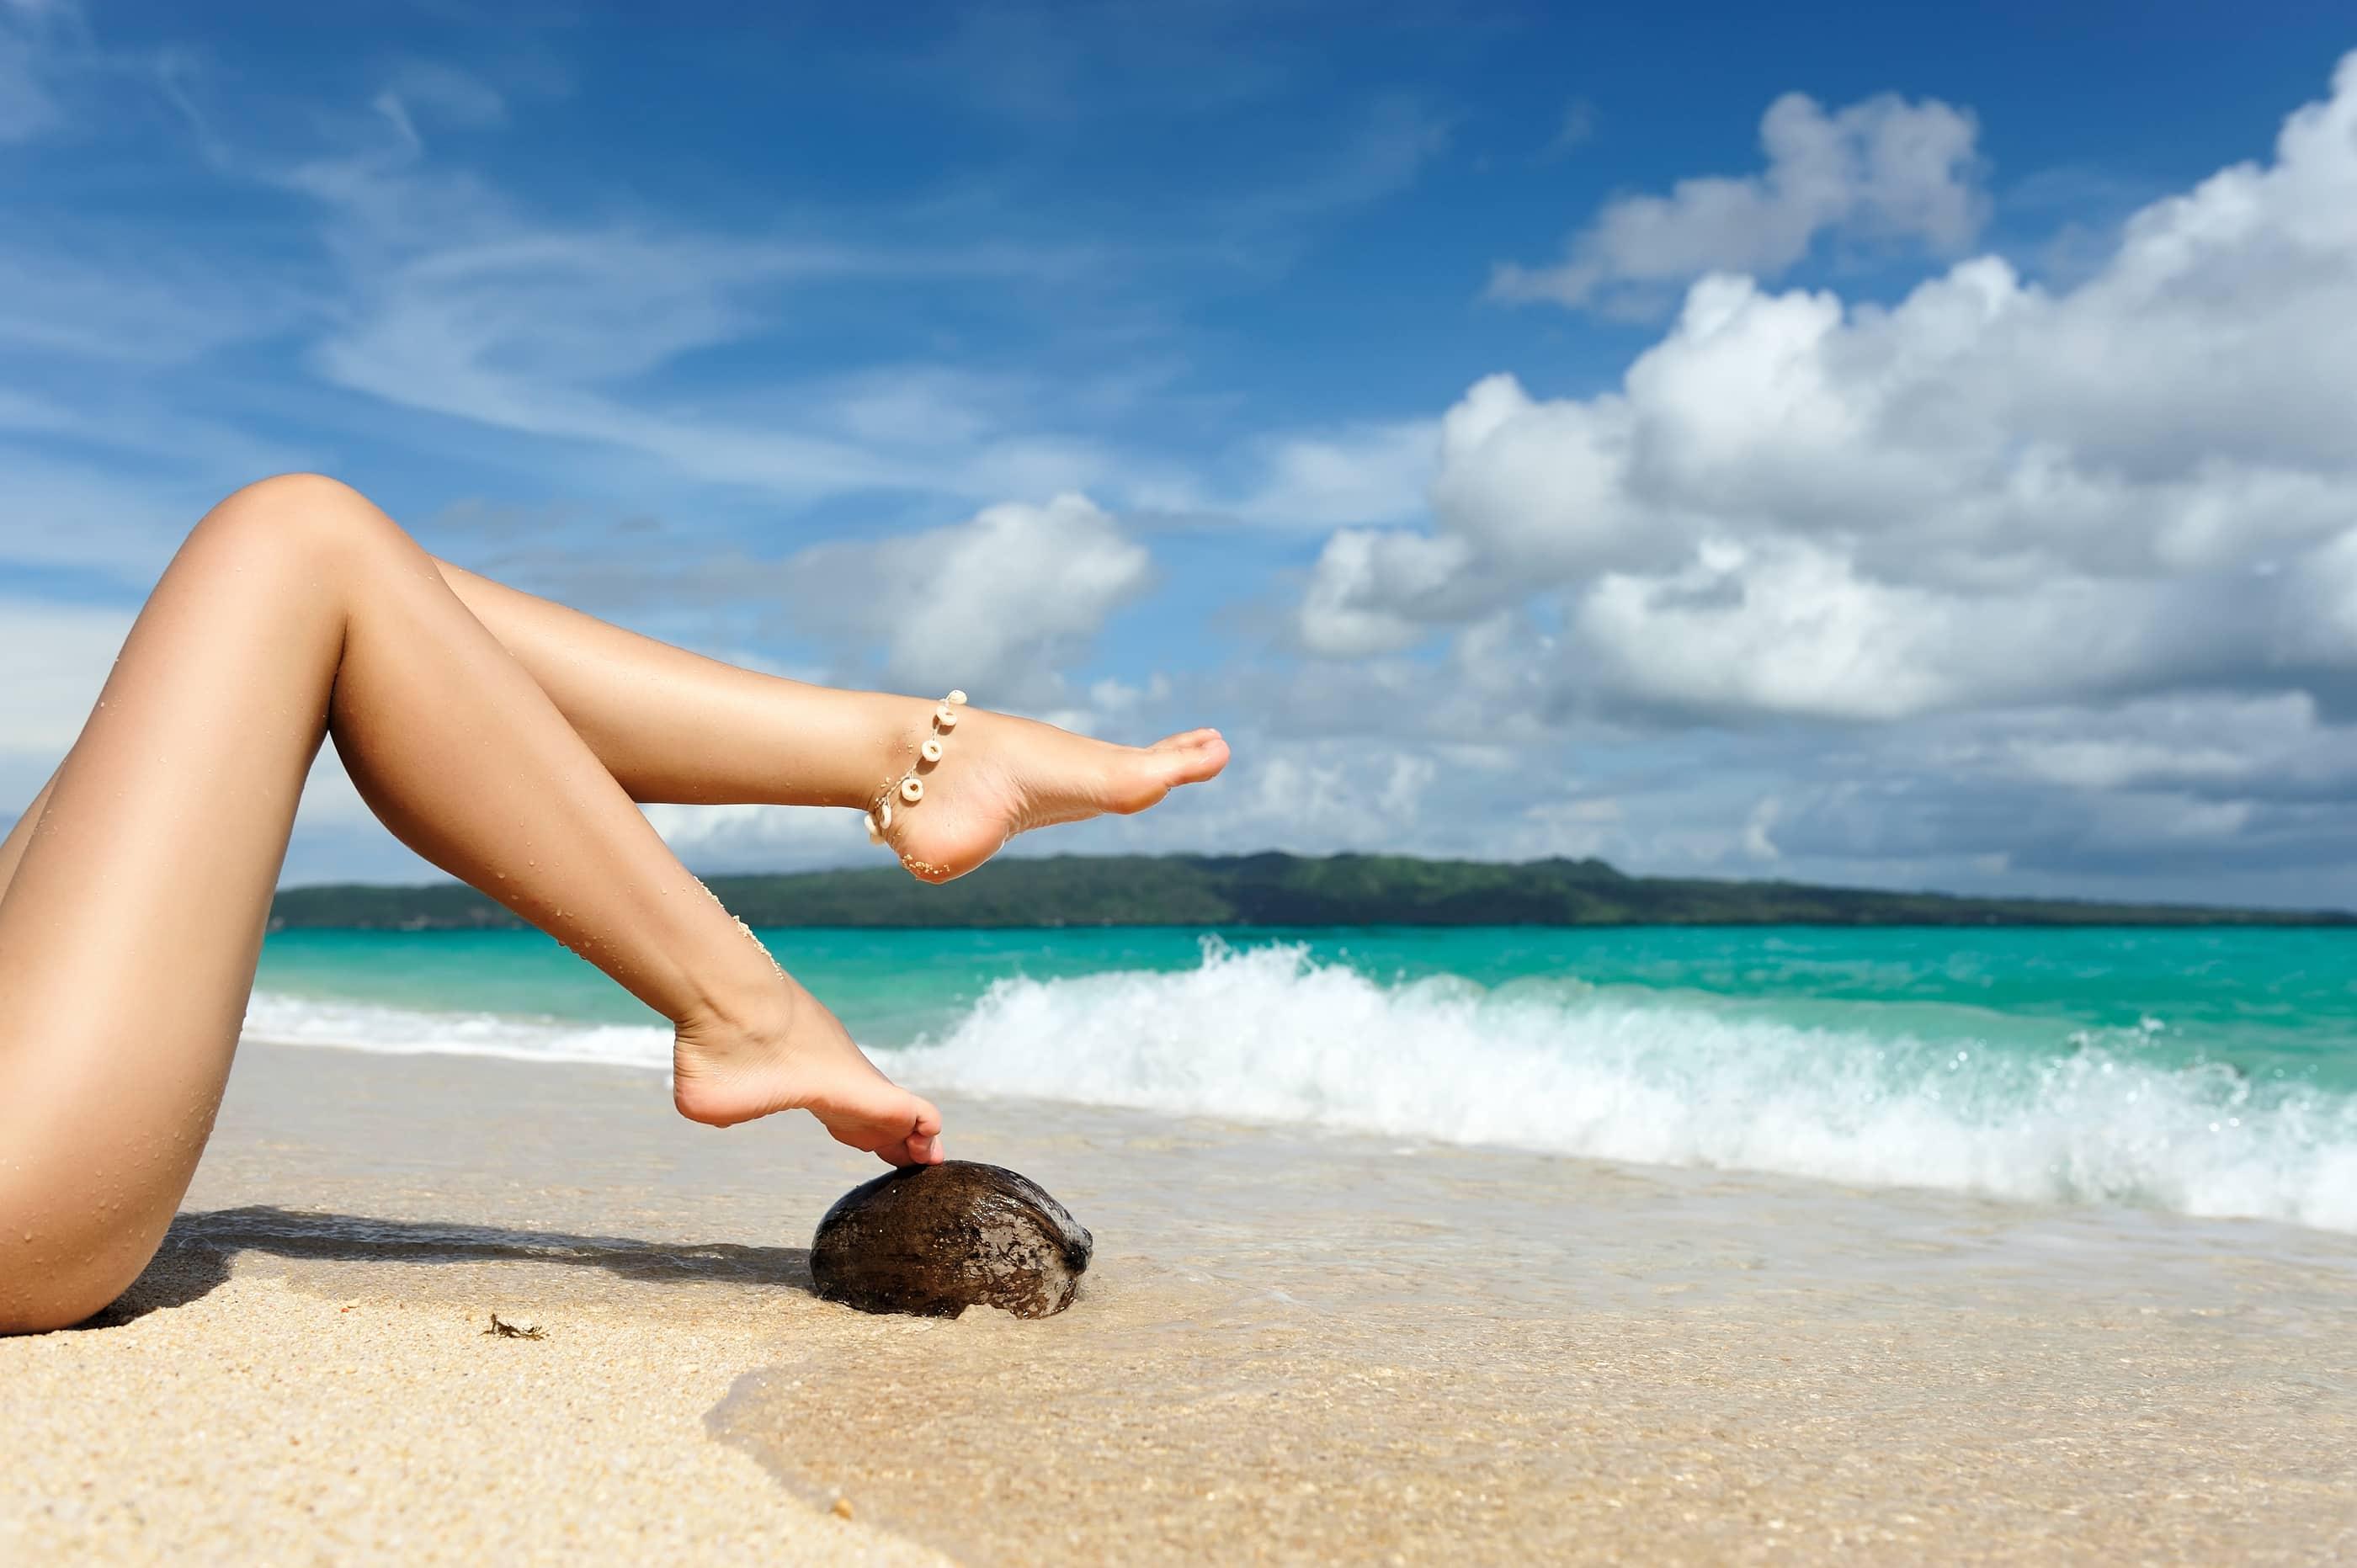 Restless Leg Syndrome Naturopathic Health by Dr. Sara Detox Toronto Naturopath